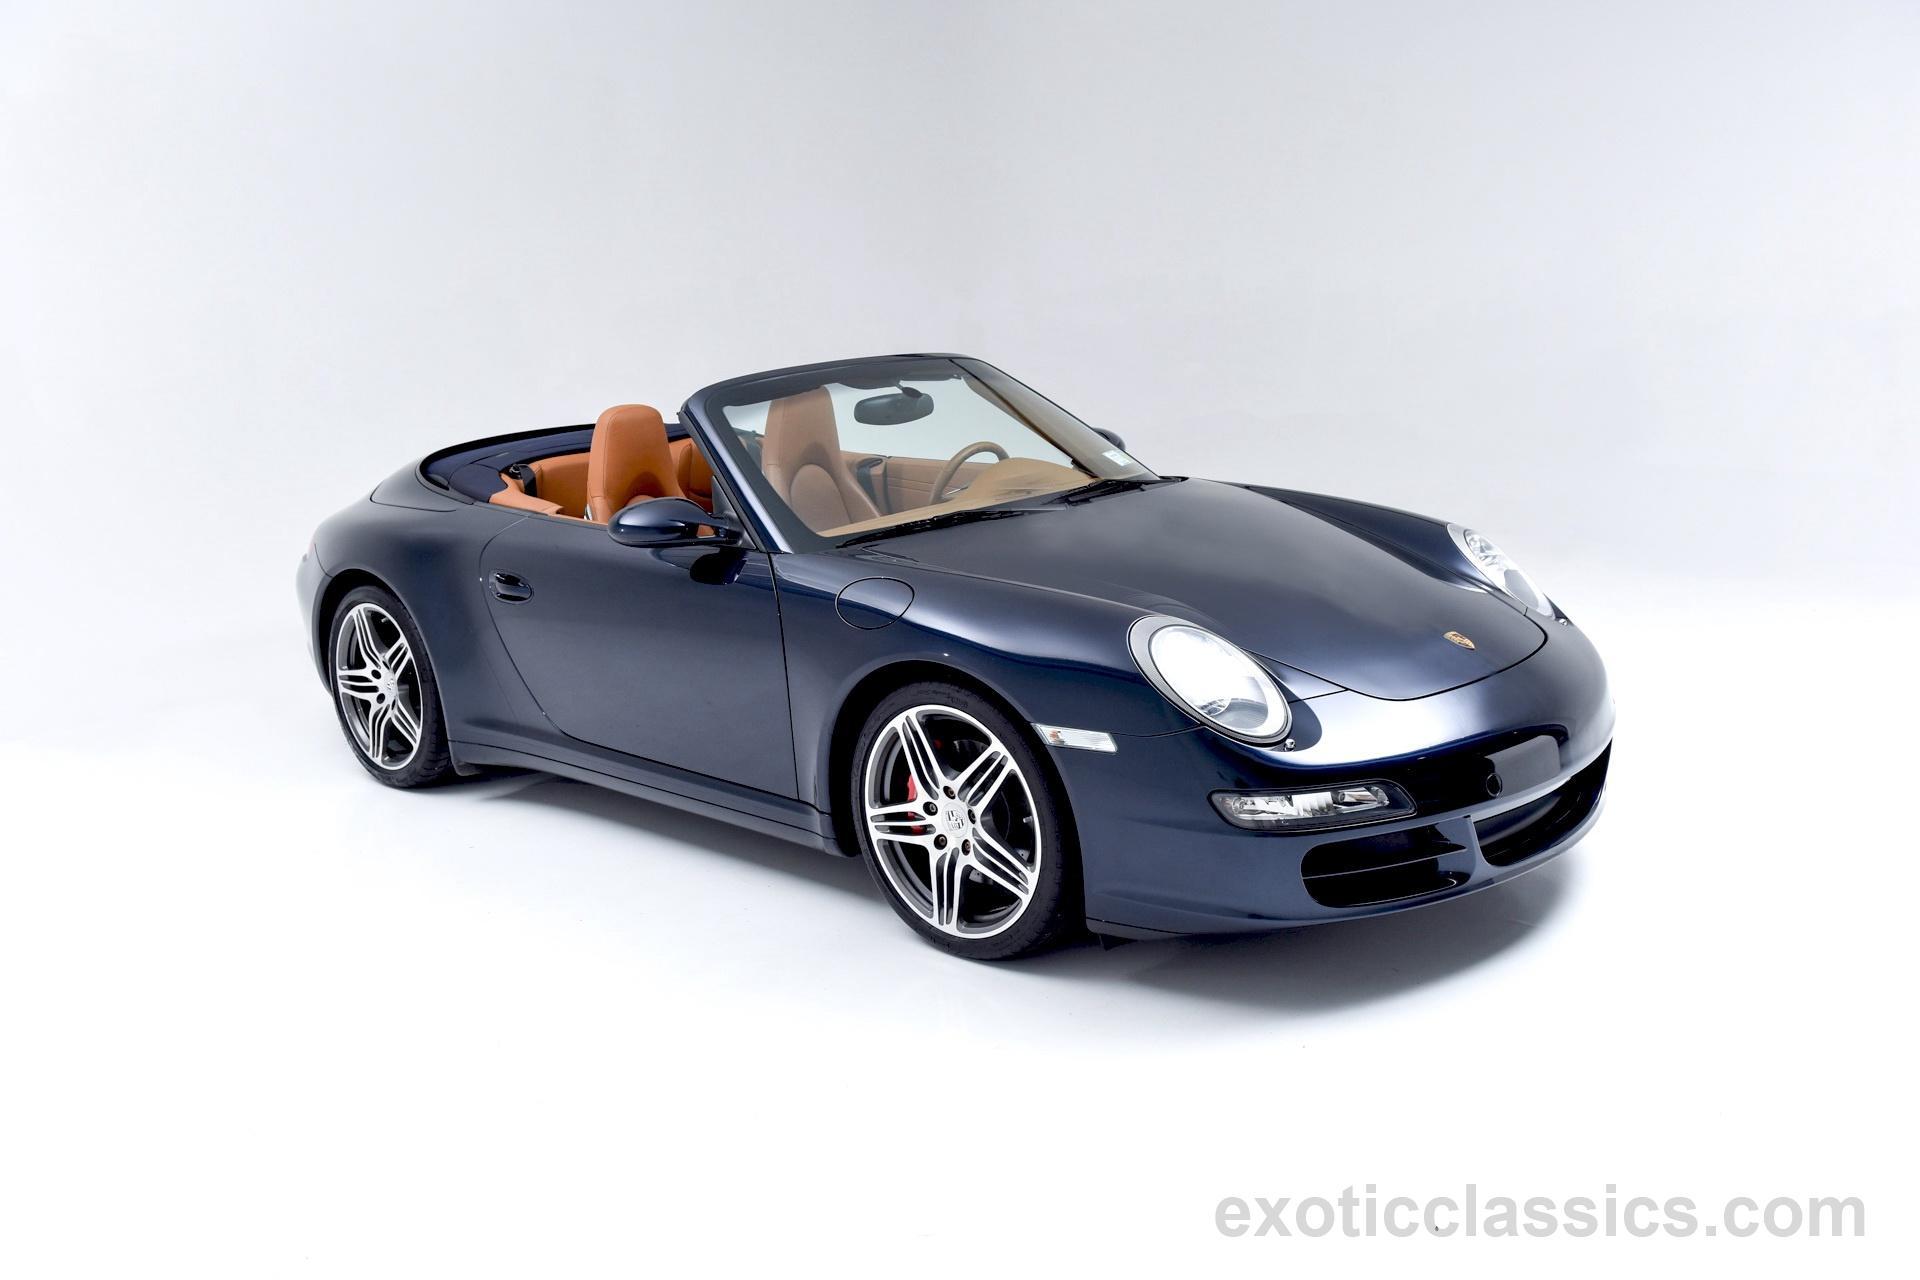 2008 porsche 911 carrera 4s carrera 4s exotic classic car